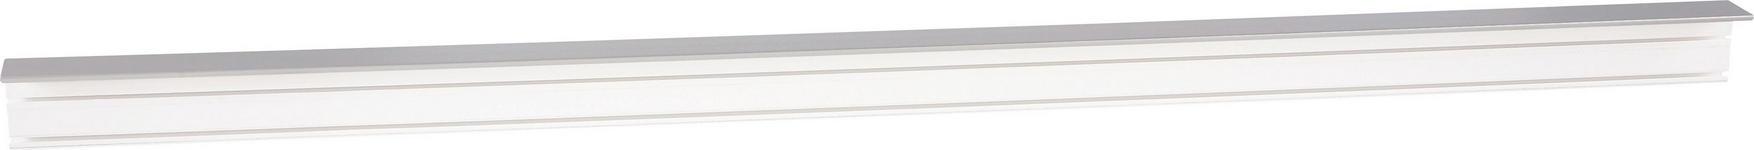 Vorhangschiene 200 cm - Weiß/Grau, KONVENTIONELL, Kunststoff (200/5/7.5cm) - Ombra